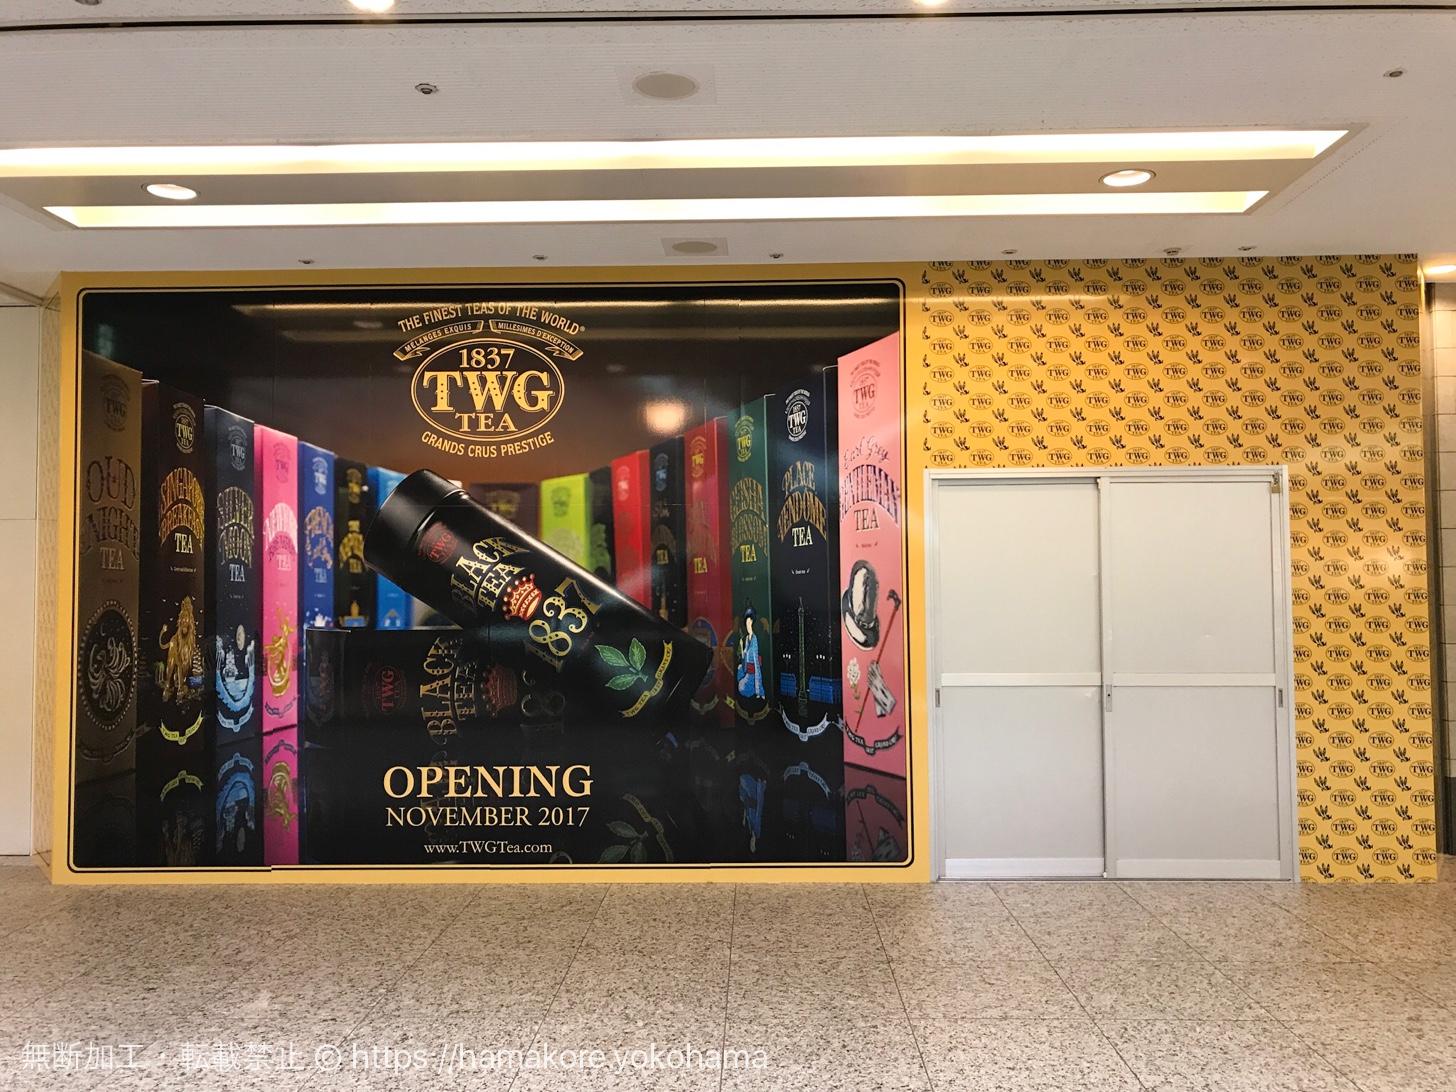 横浜みなとみらい ランドマークプラザの「TWG Tea」のオープン場所が判明!